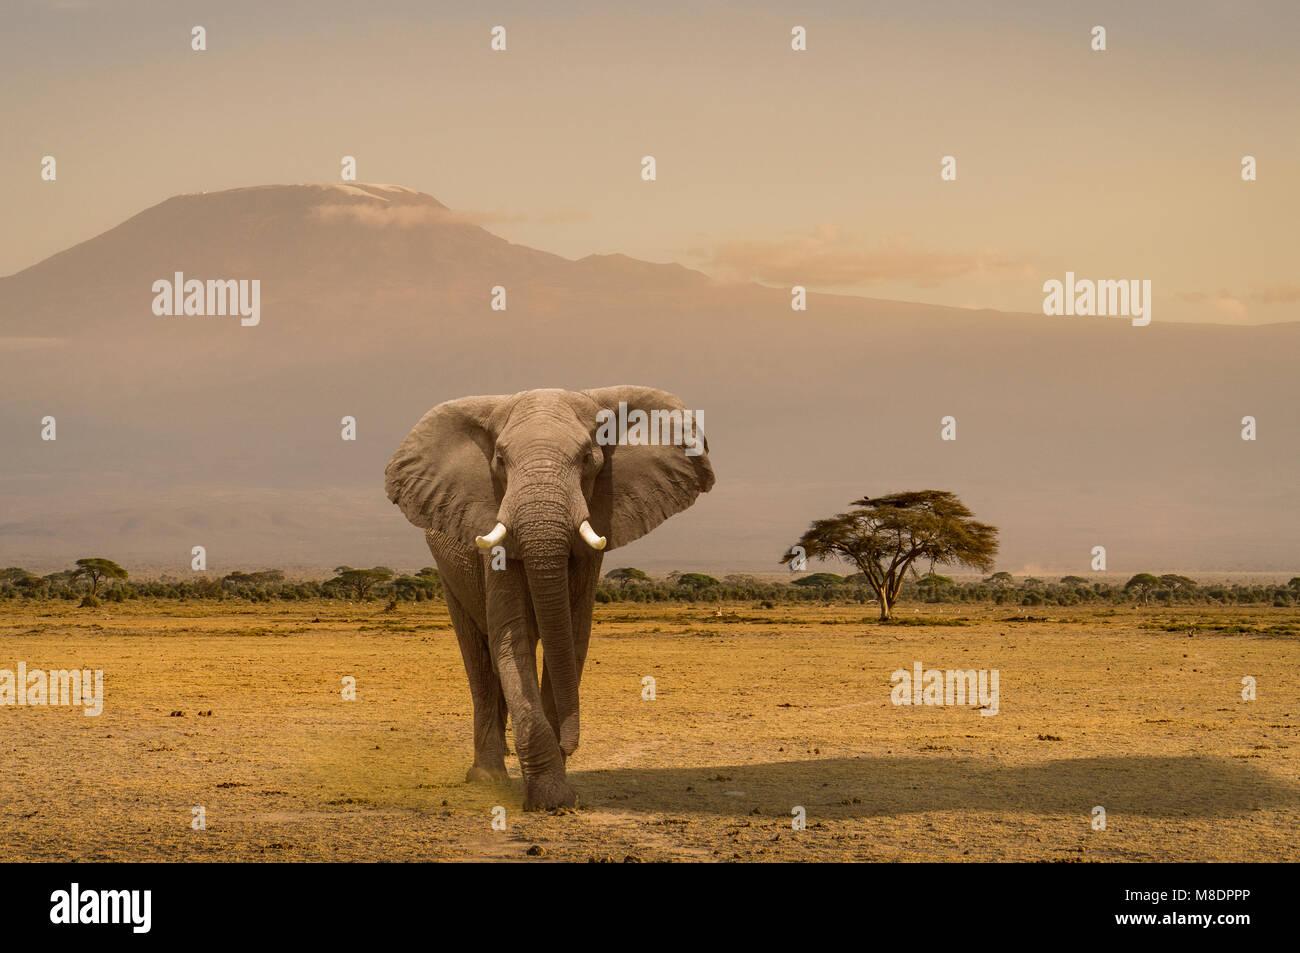 Portrait of elephant, Amboseli National Park, Amboseli, Rift Valley, Kenya - Stock Image